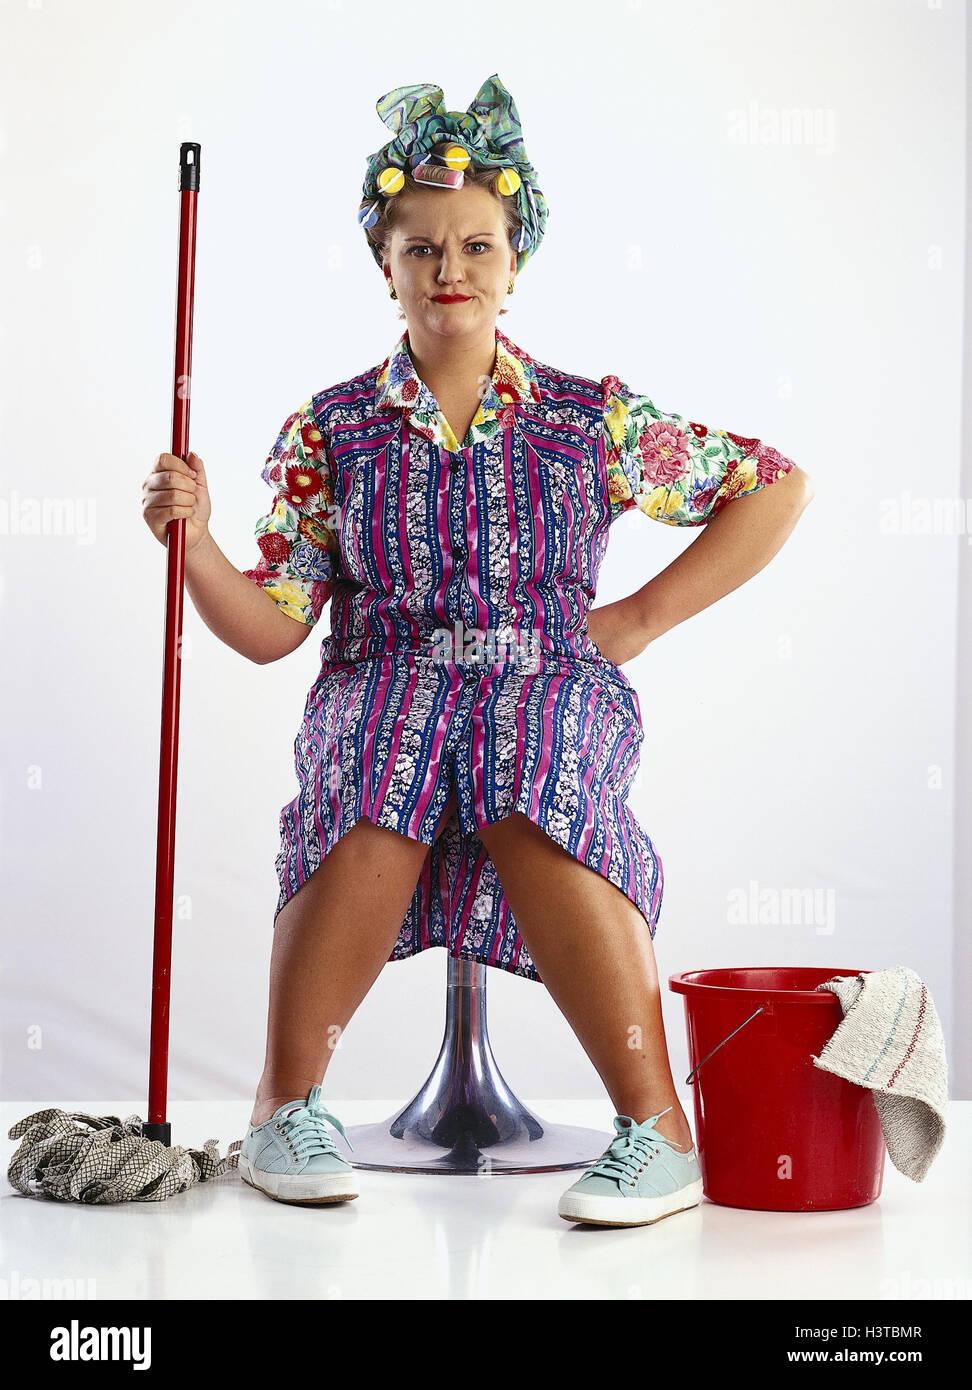 hausfrau sch rze lockenwickler sit saubere reinigung eimer wischte mop mimik studio. Black Bedroom Furniture Sets. Home Design Ideas